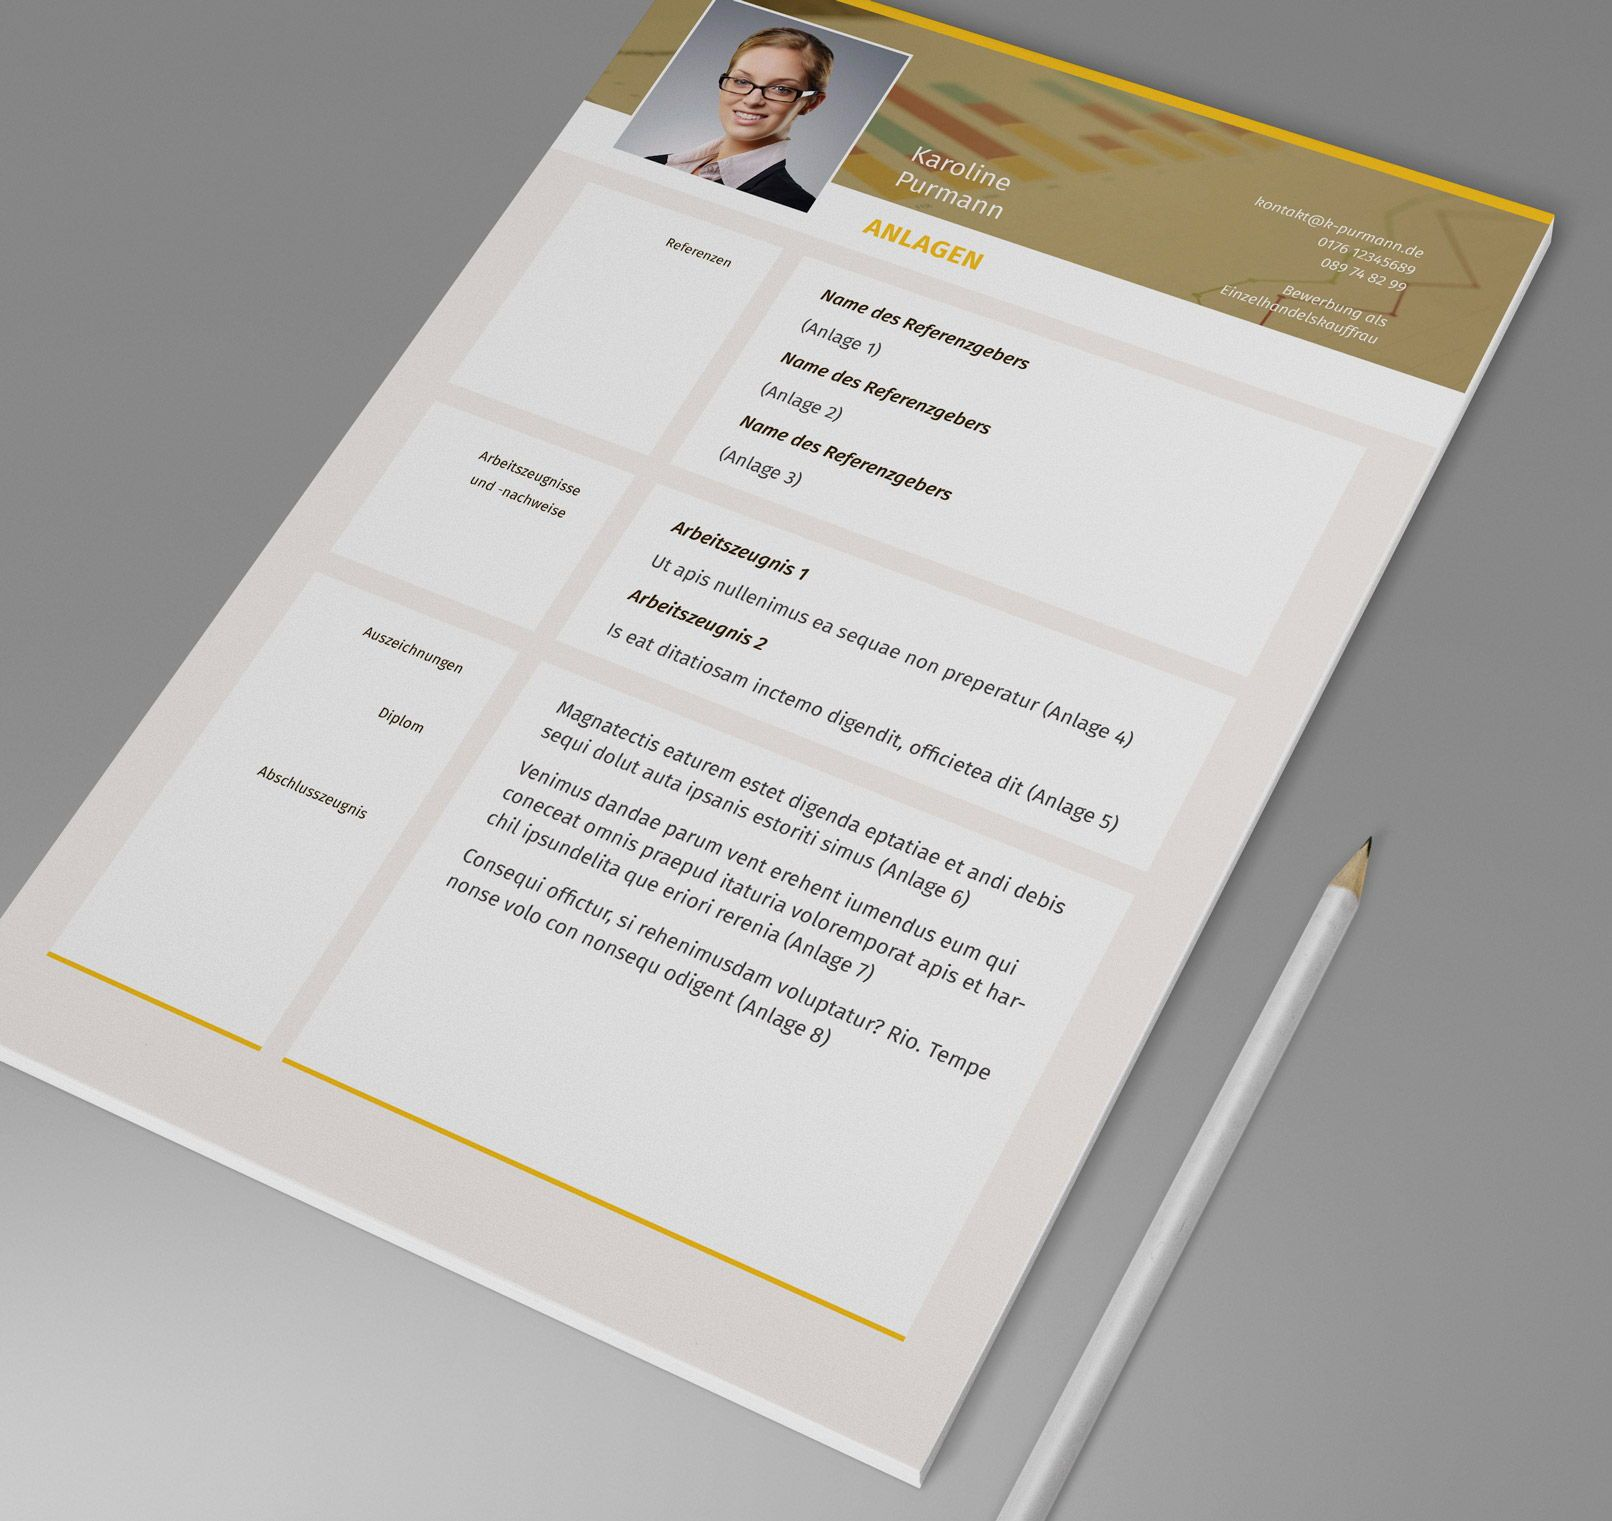 Design Muster Bewerbung Im Einzelhandel Kauffrau Kaufmann Deckblatt Gestalten Bewerbung Kauffrau